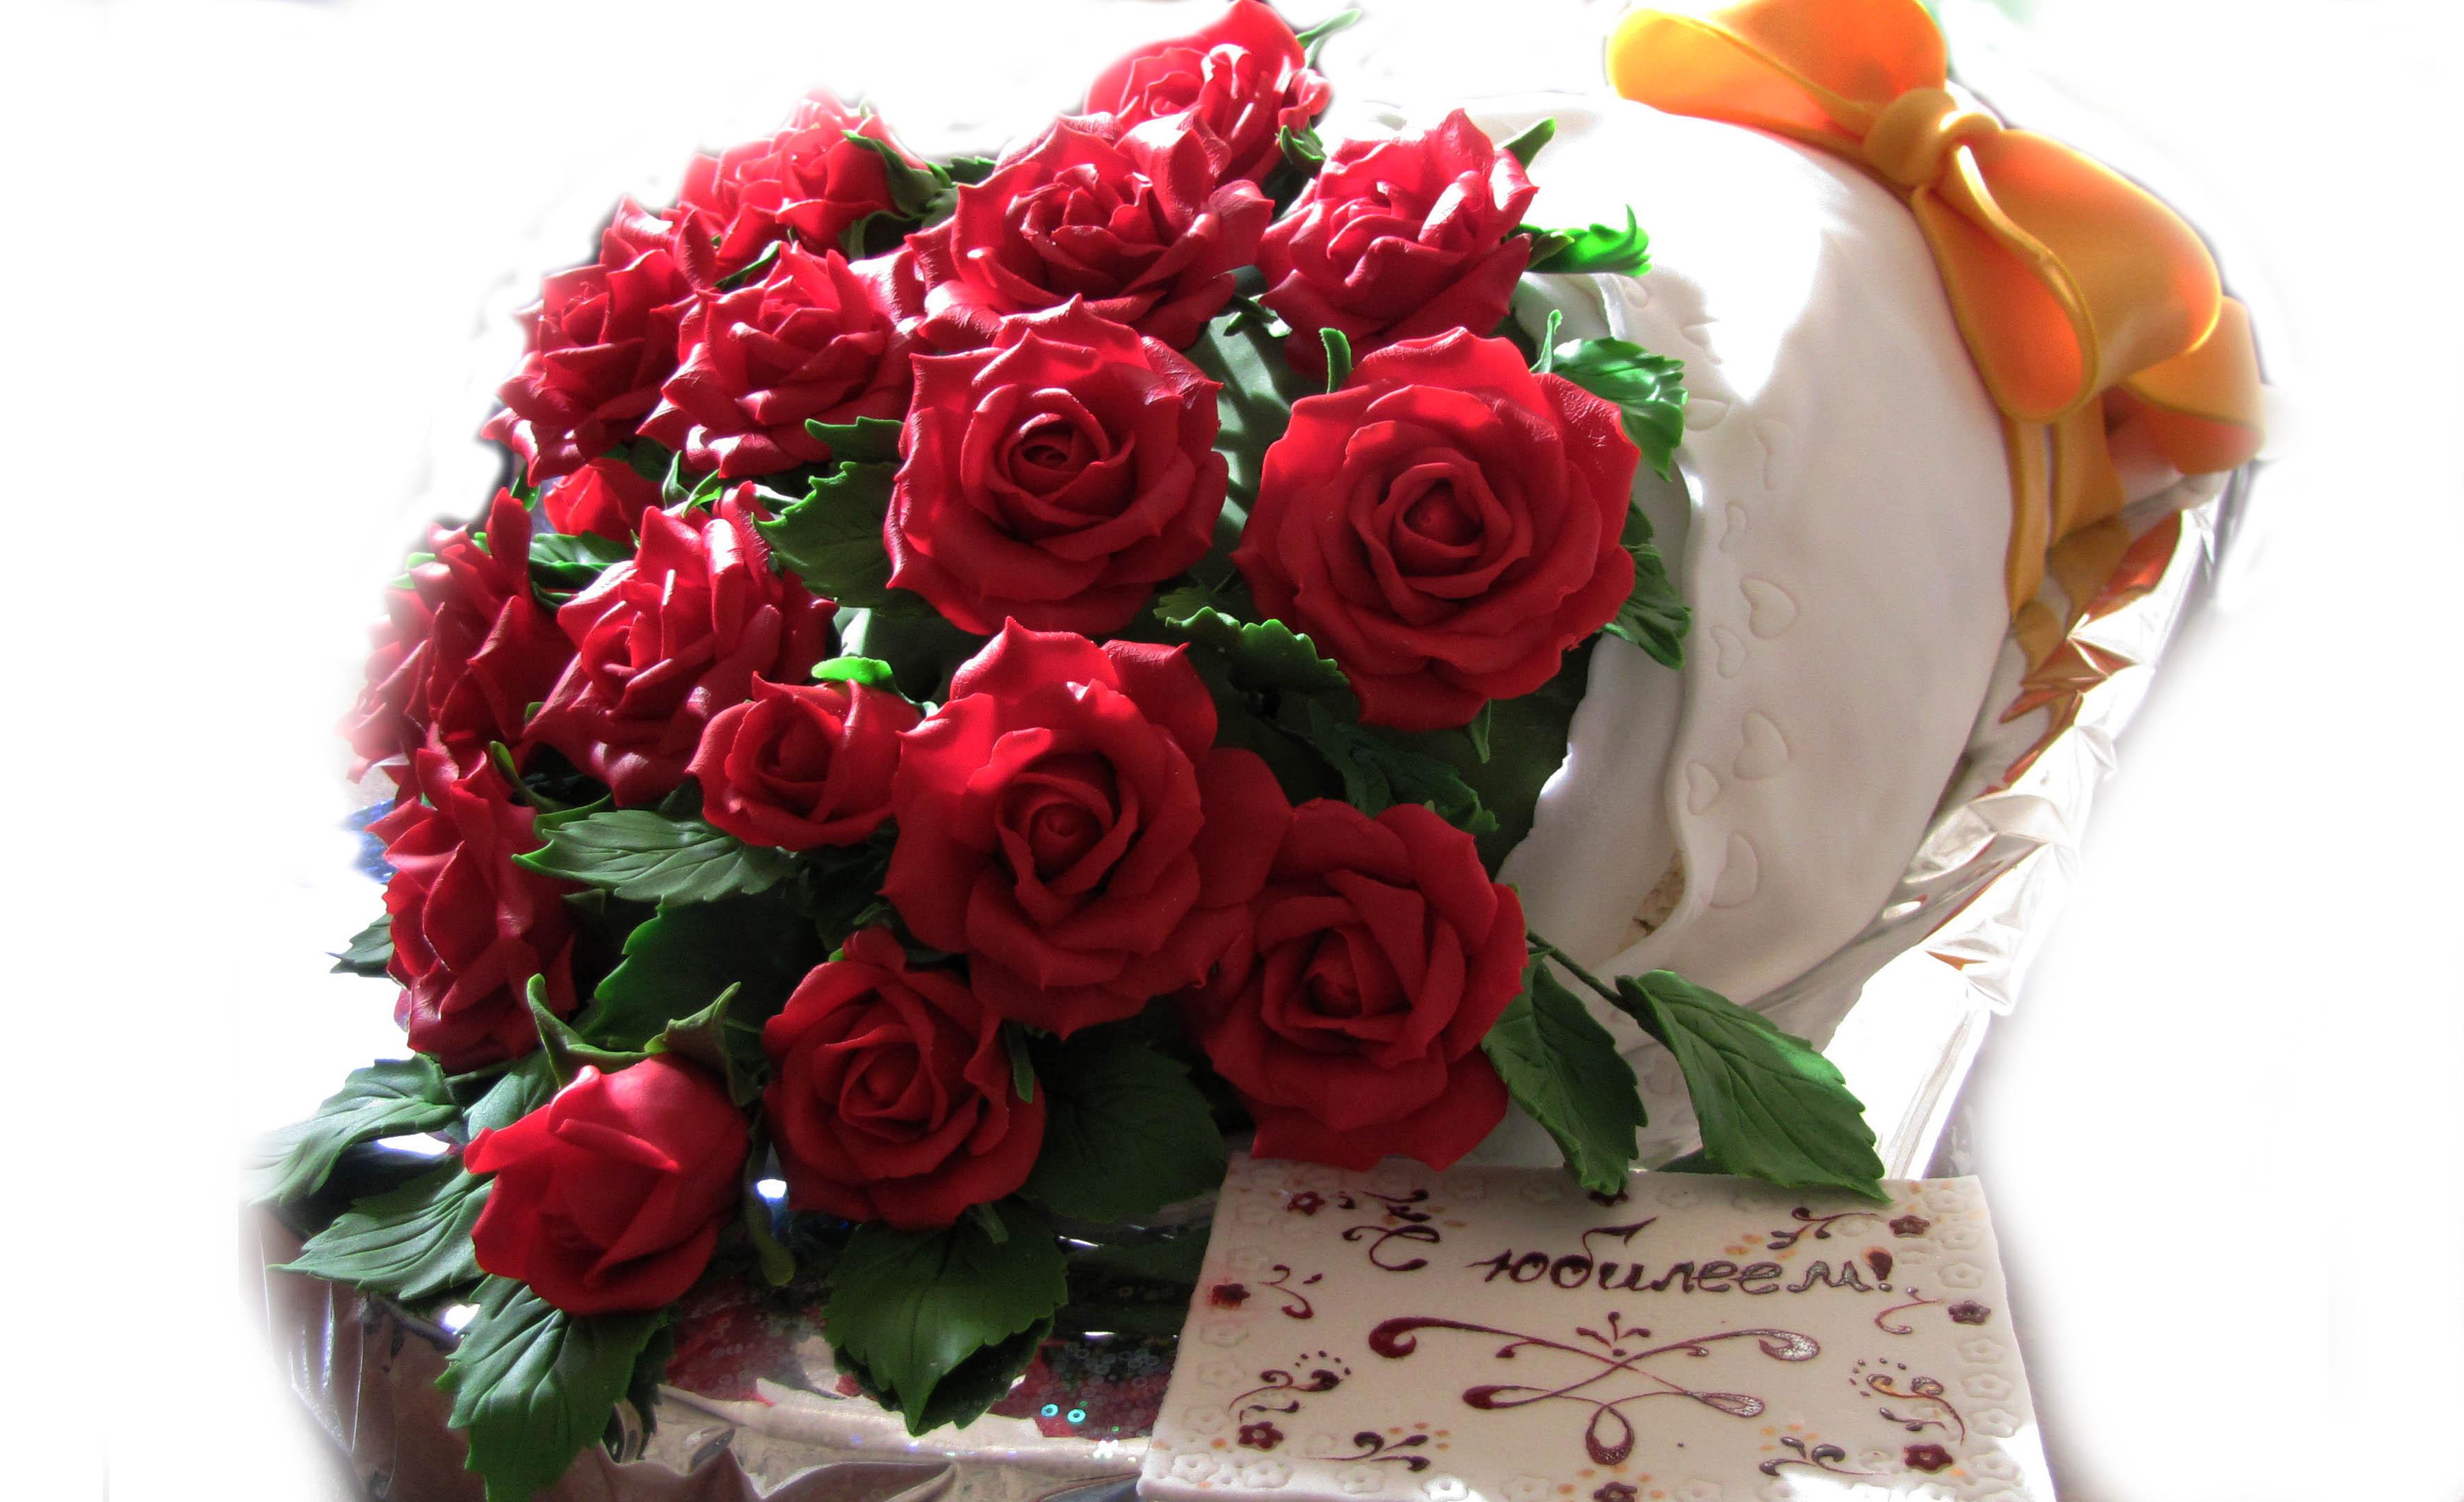 Красивые торты с цветами к дню рождения фото